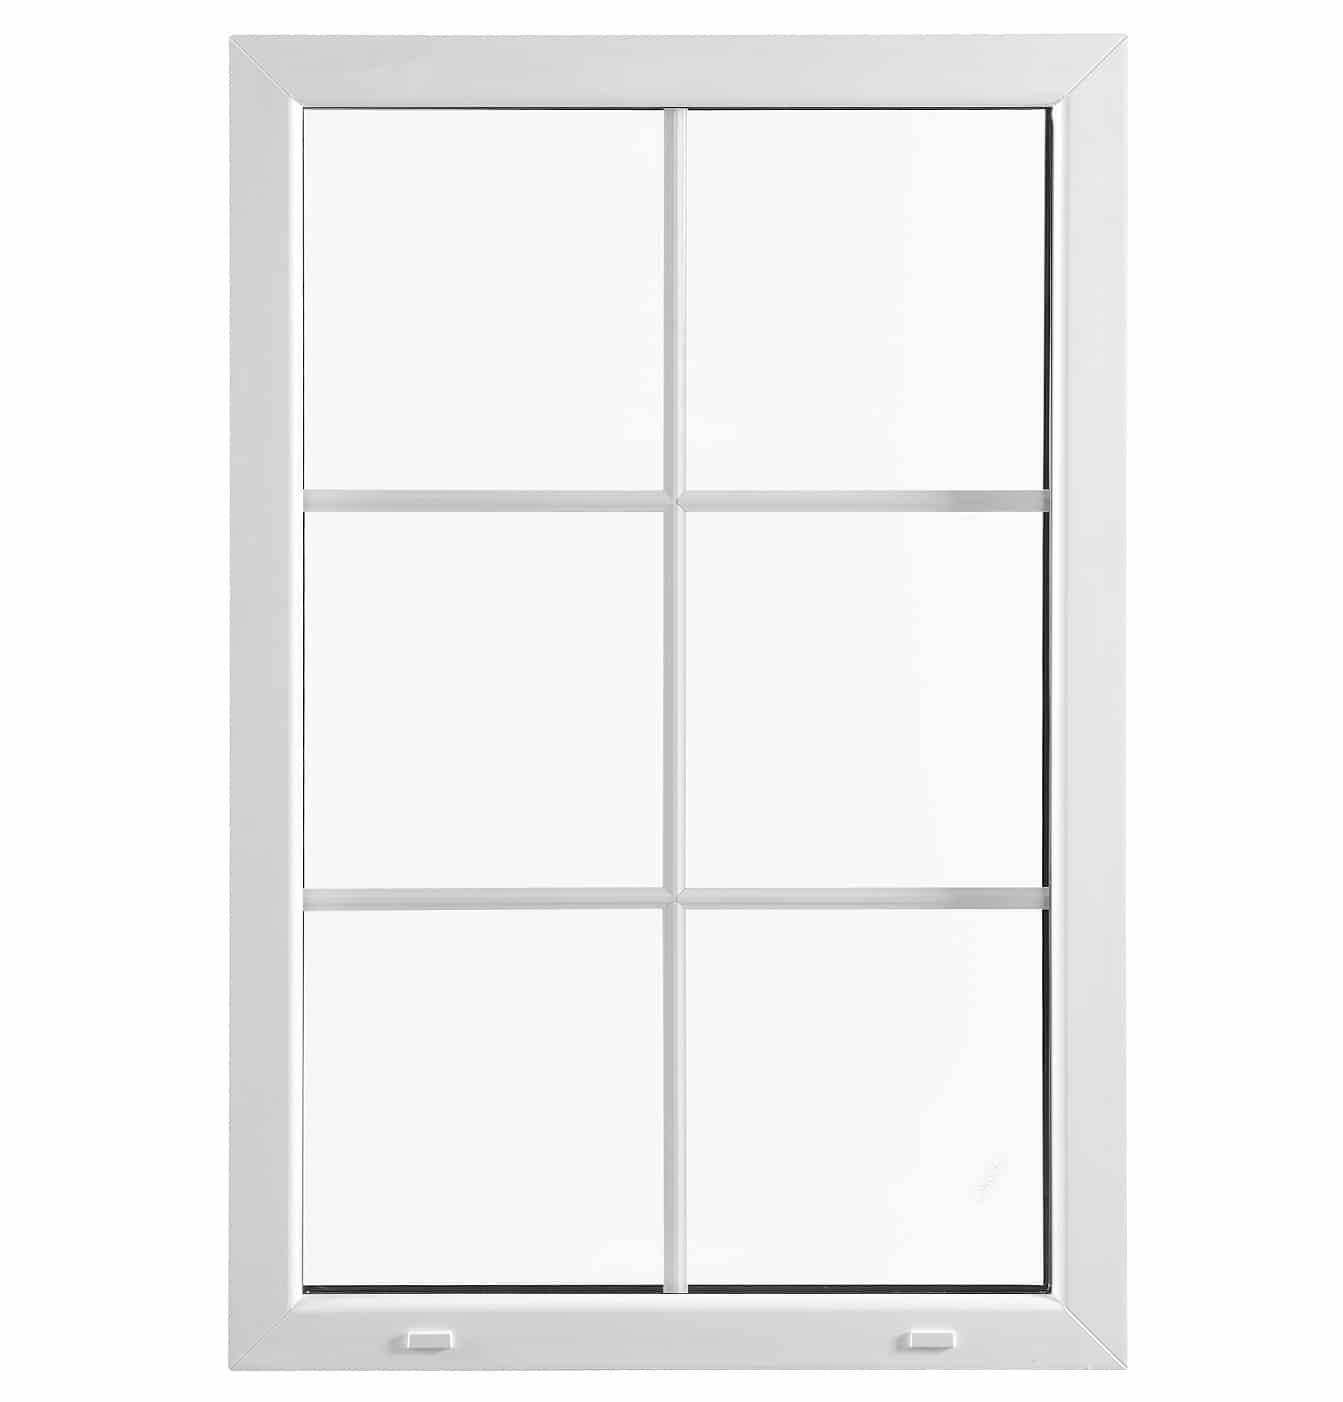 Einfache festverglasung im rahmen g nstig kaufen for Einfache kunststofffenster